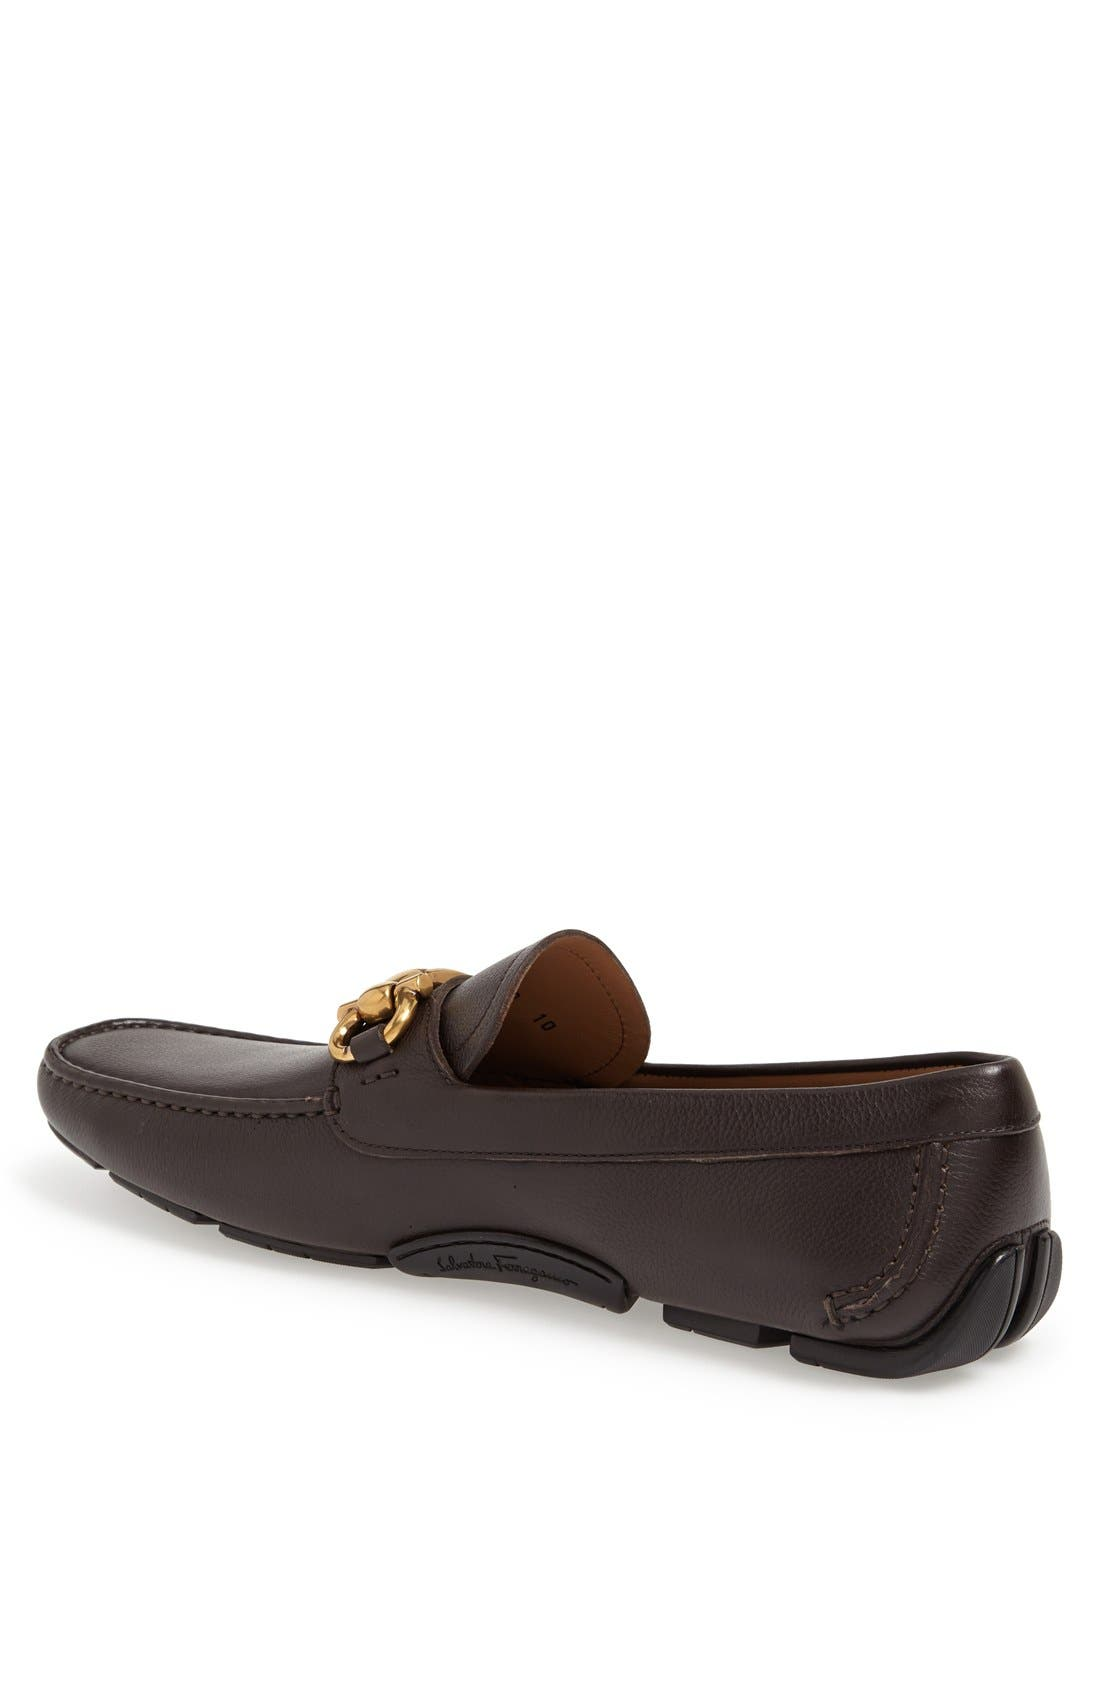 Alternate Image 2  - Salvatore Ferragamo 'Parigi' Driving Shoe